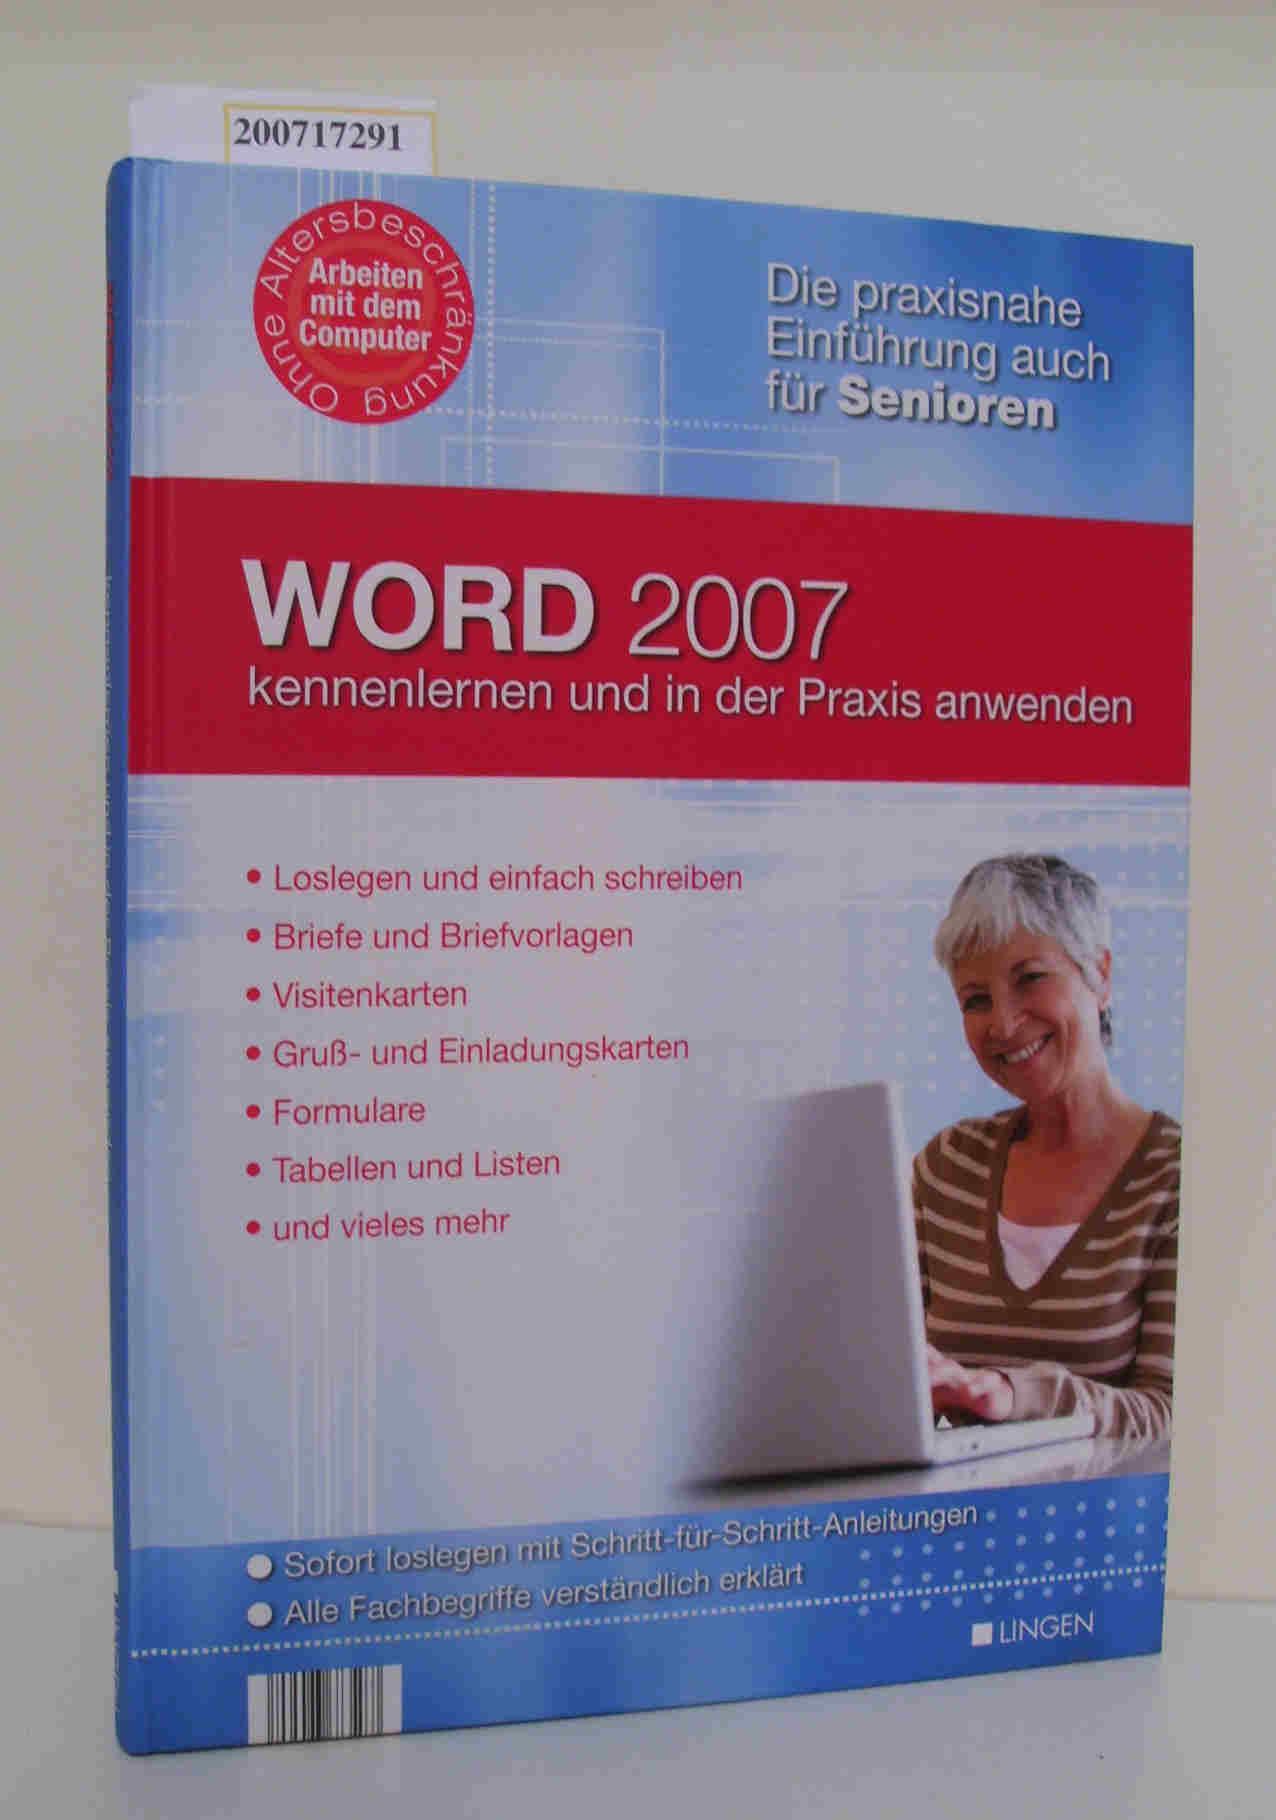 Word 2007 kennenlernen und in der Praxis anwenden